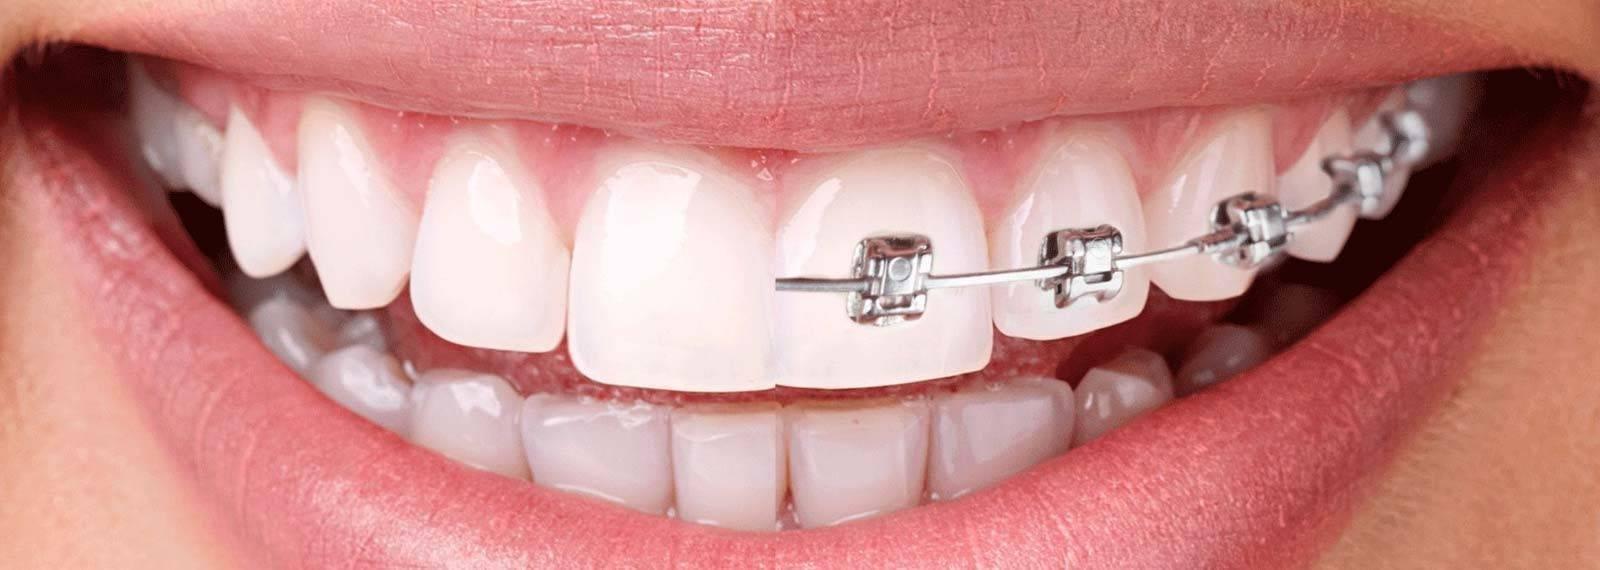 Ортодонт – что это за врач и что он лечит?